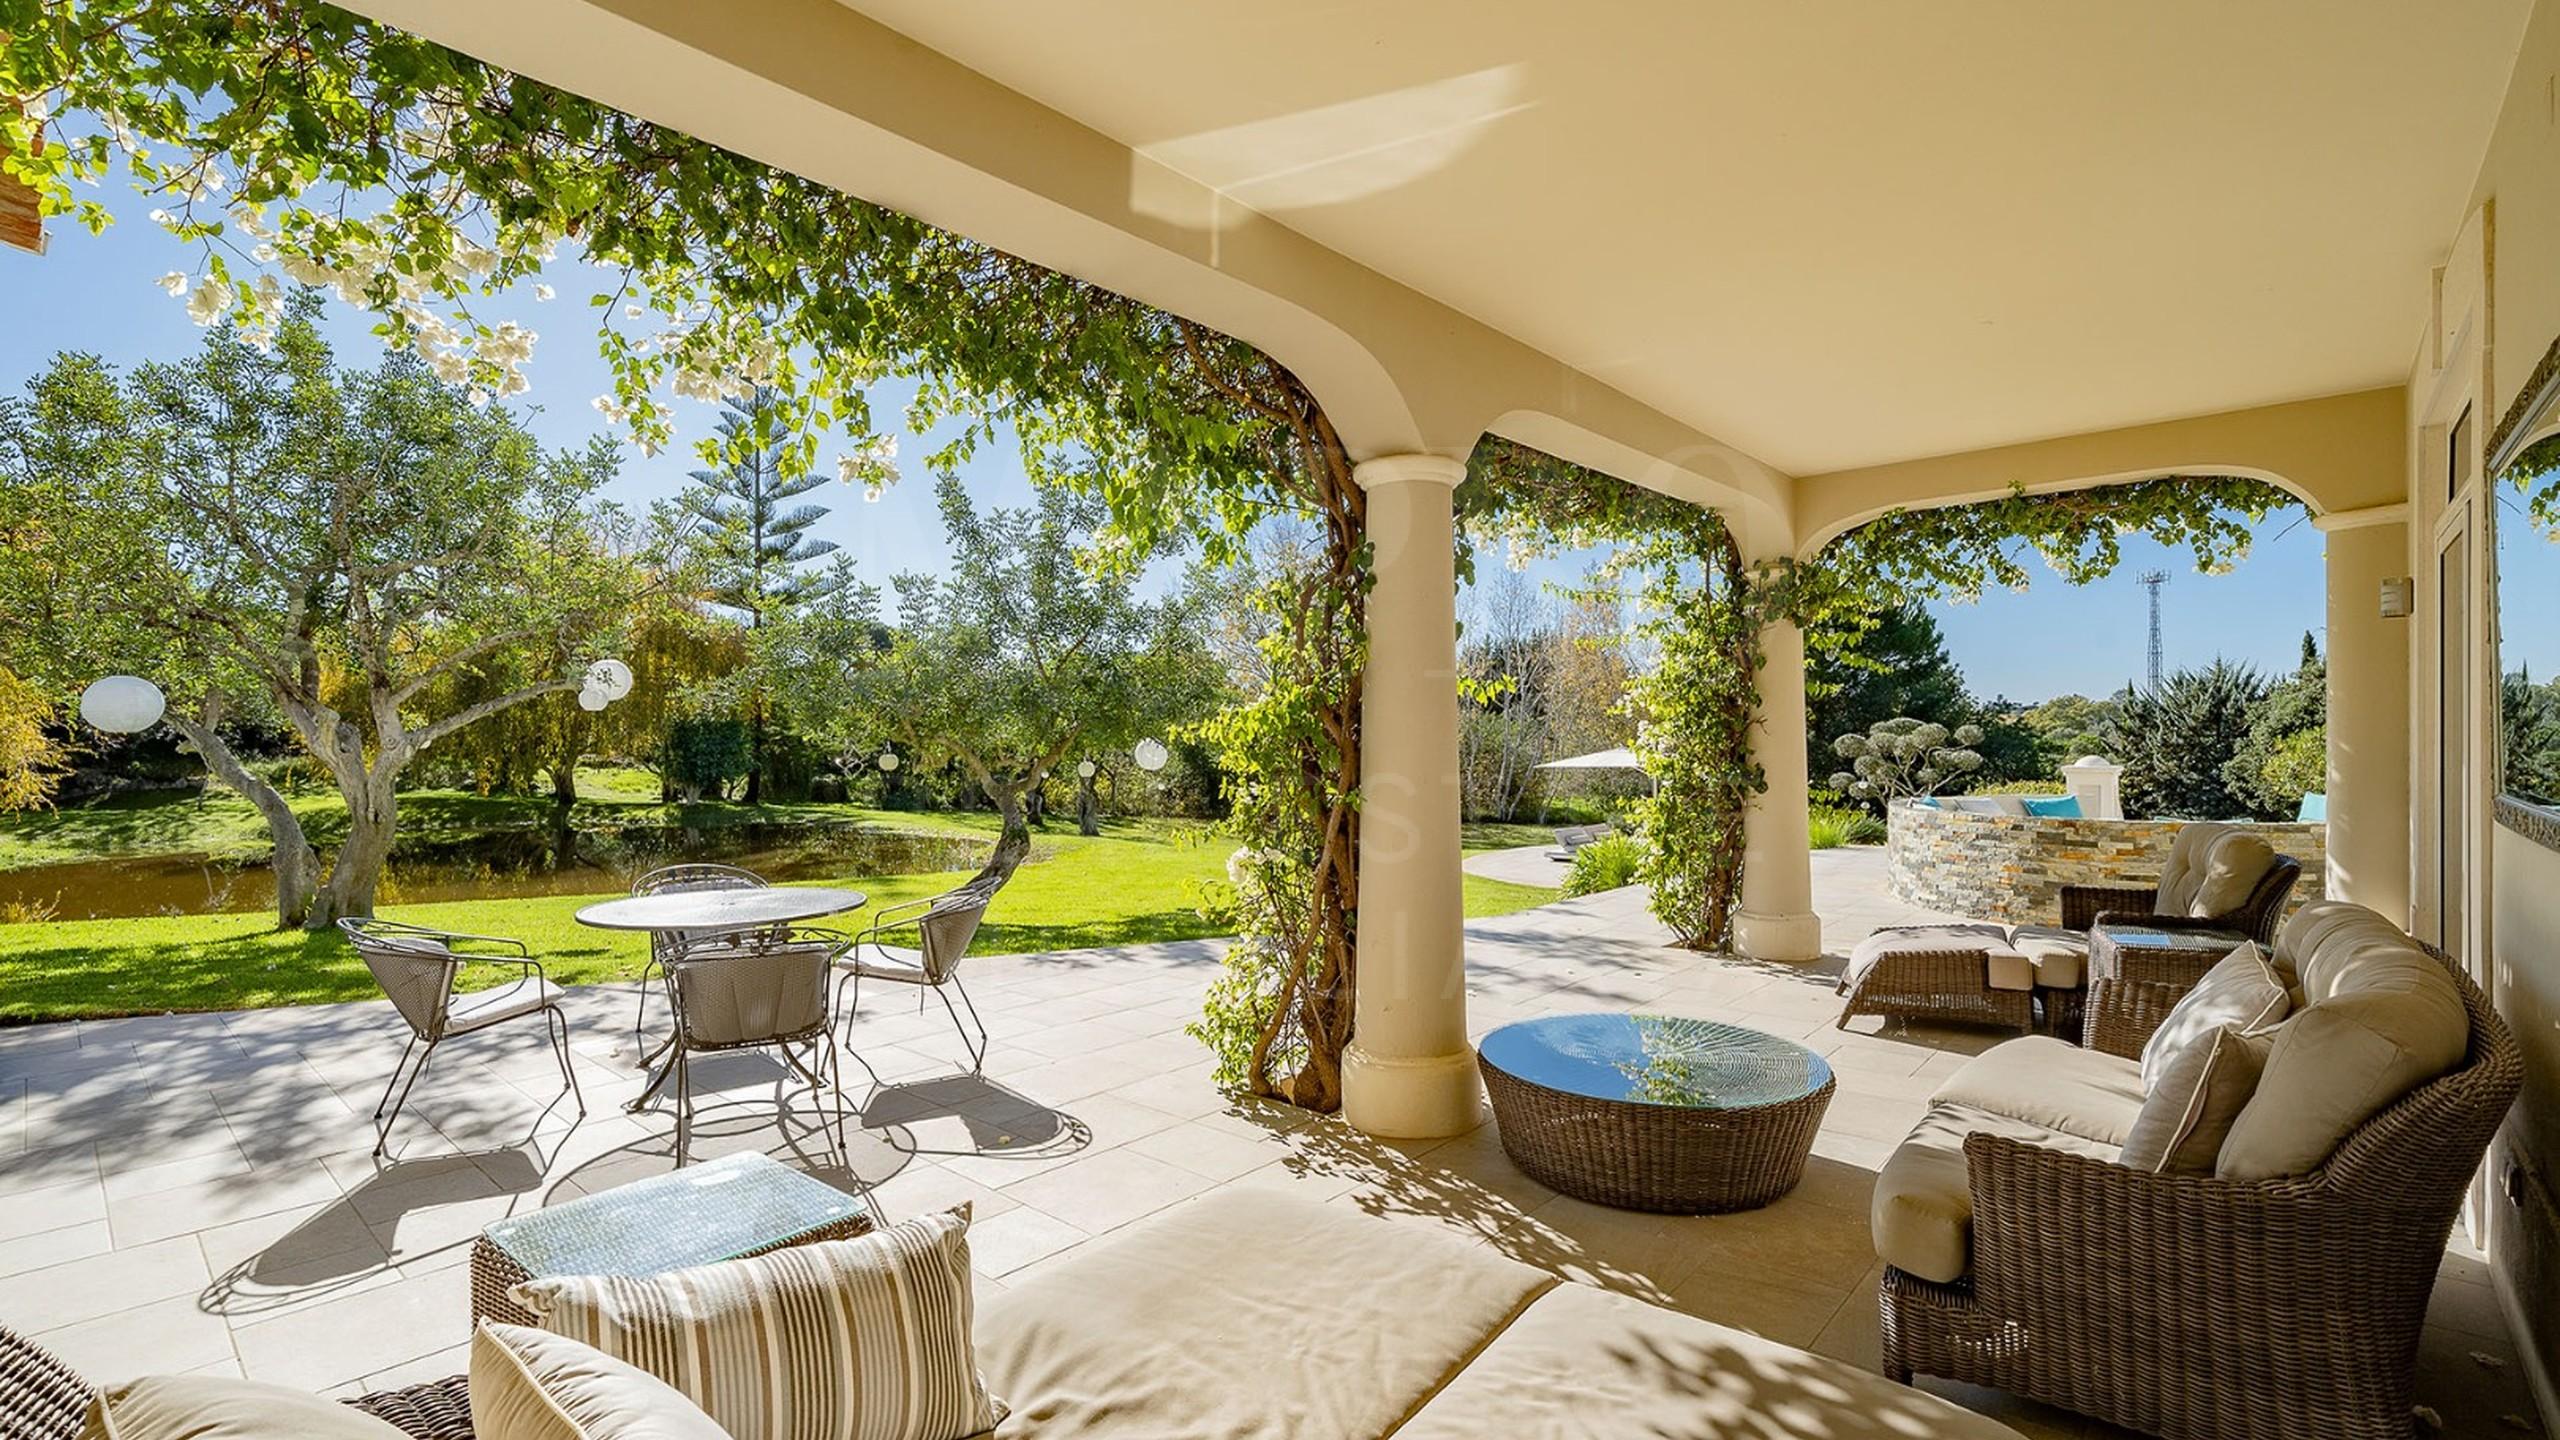 Garden with sofas